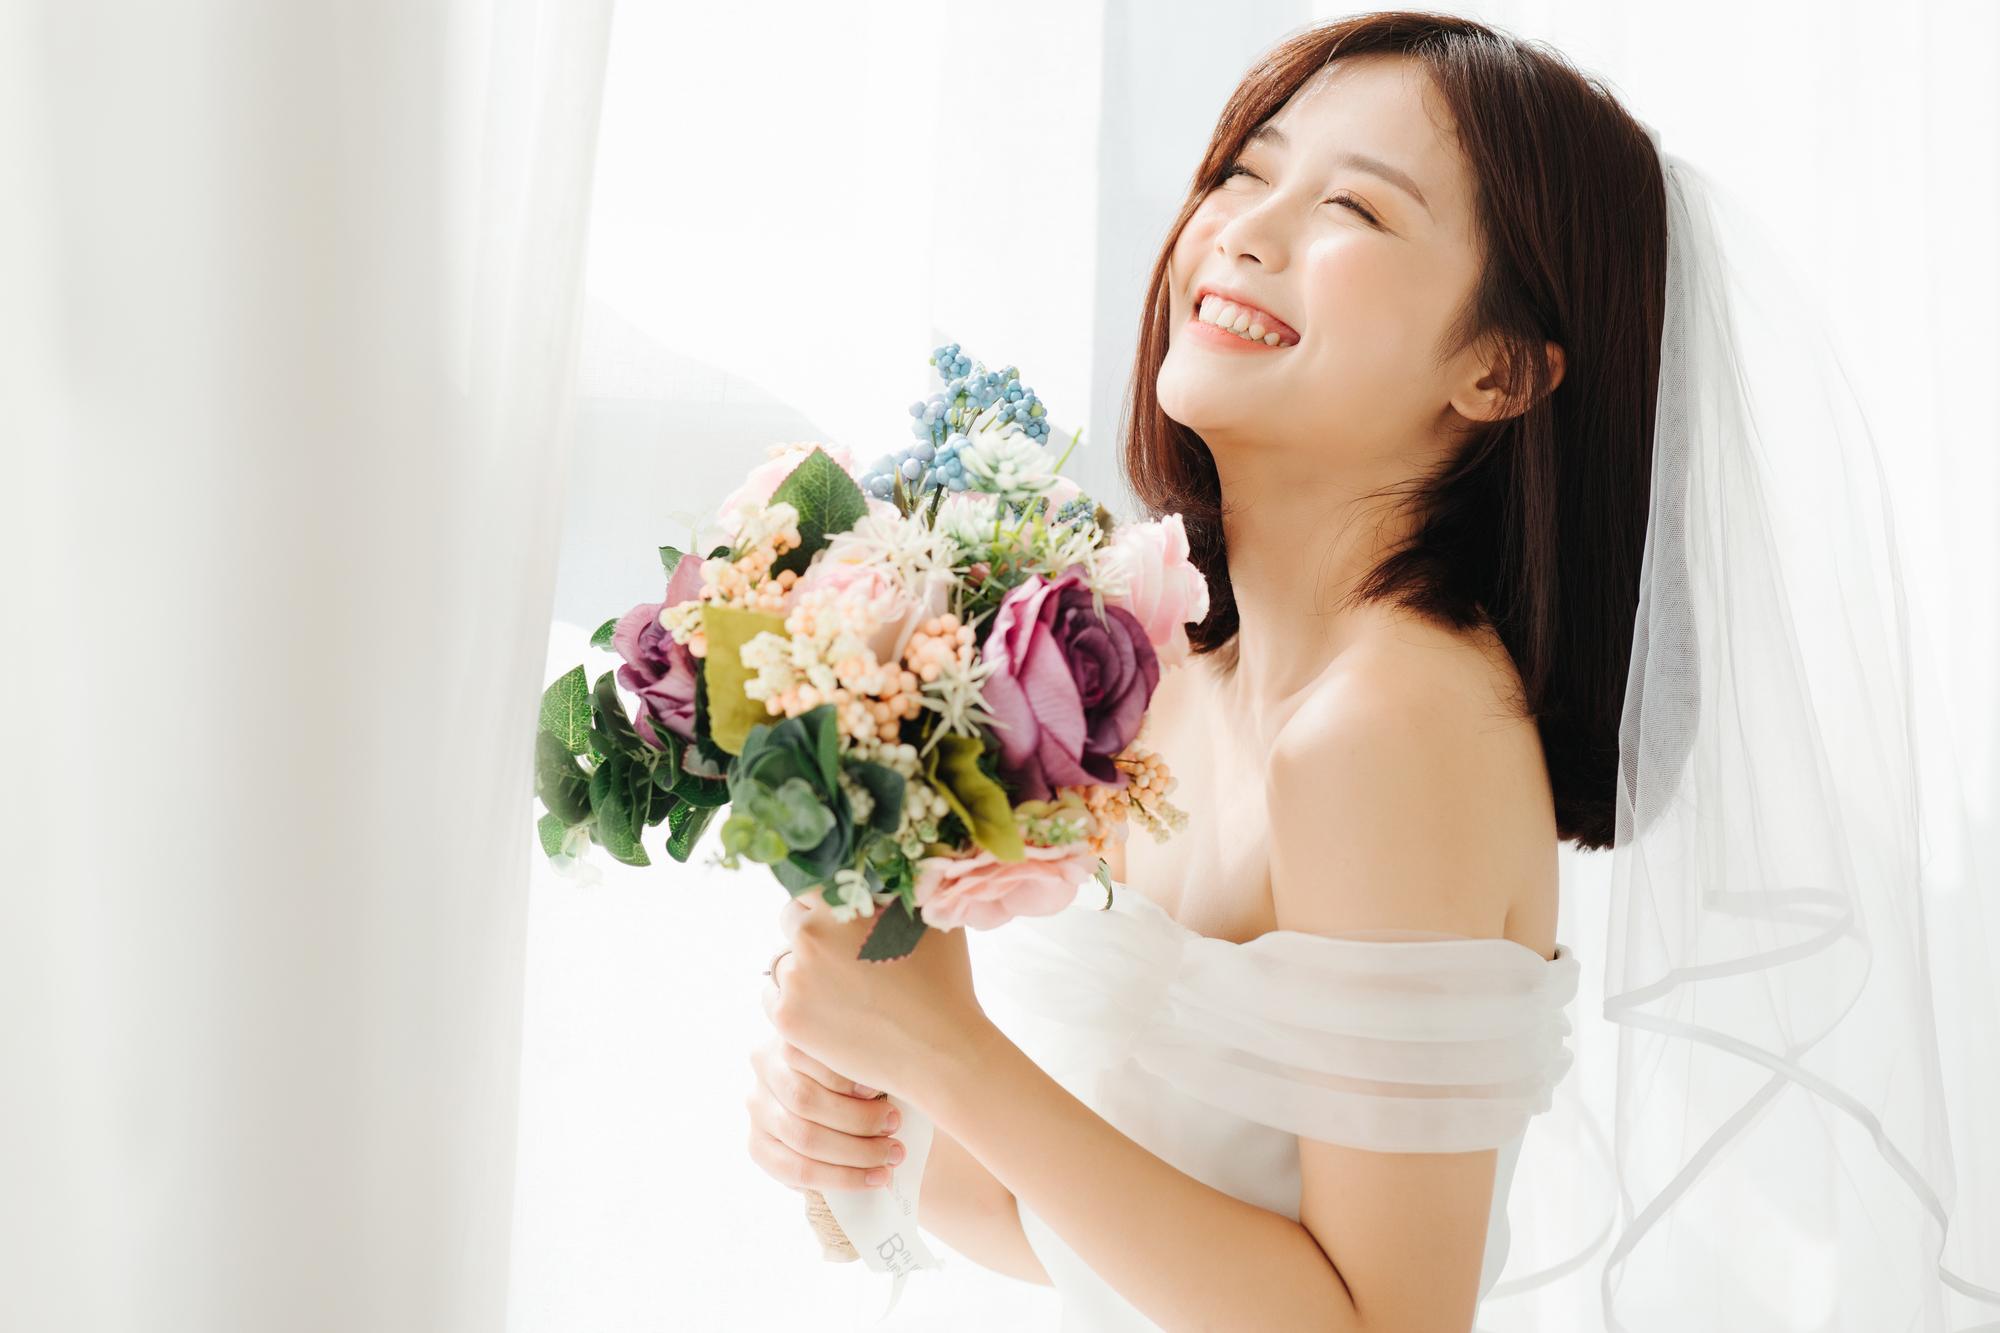 ウェディングドレスを着て笑顔の女性